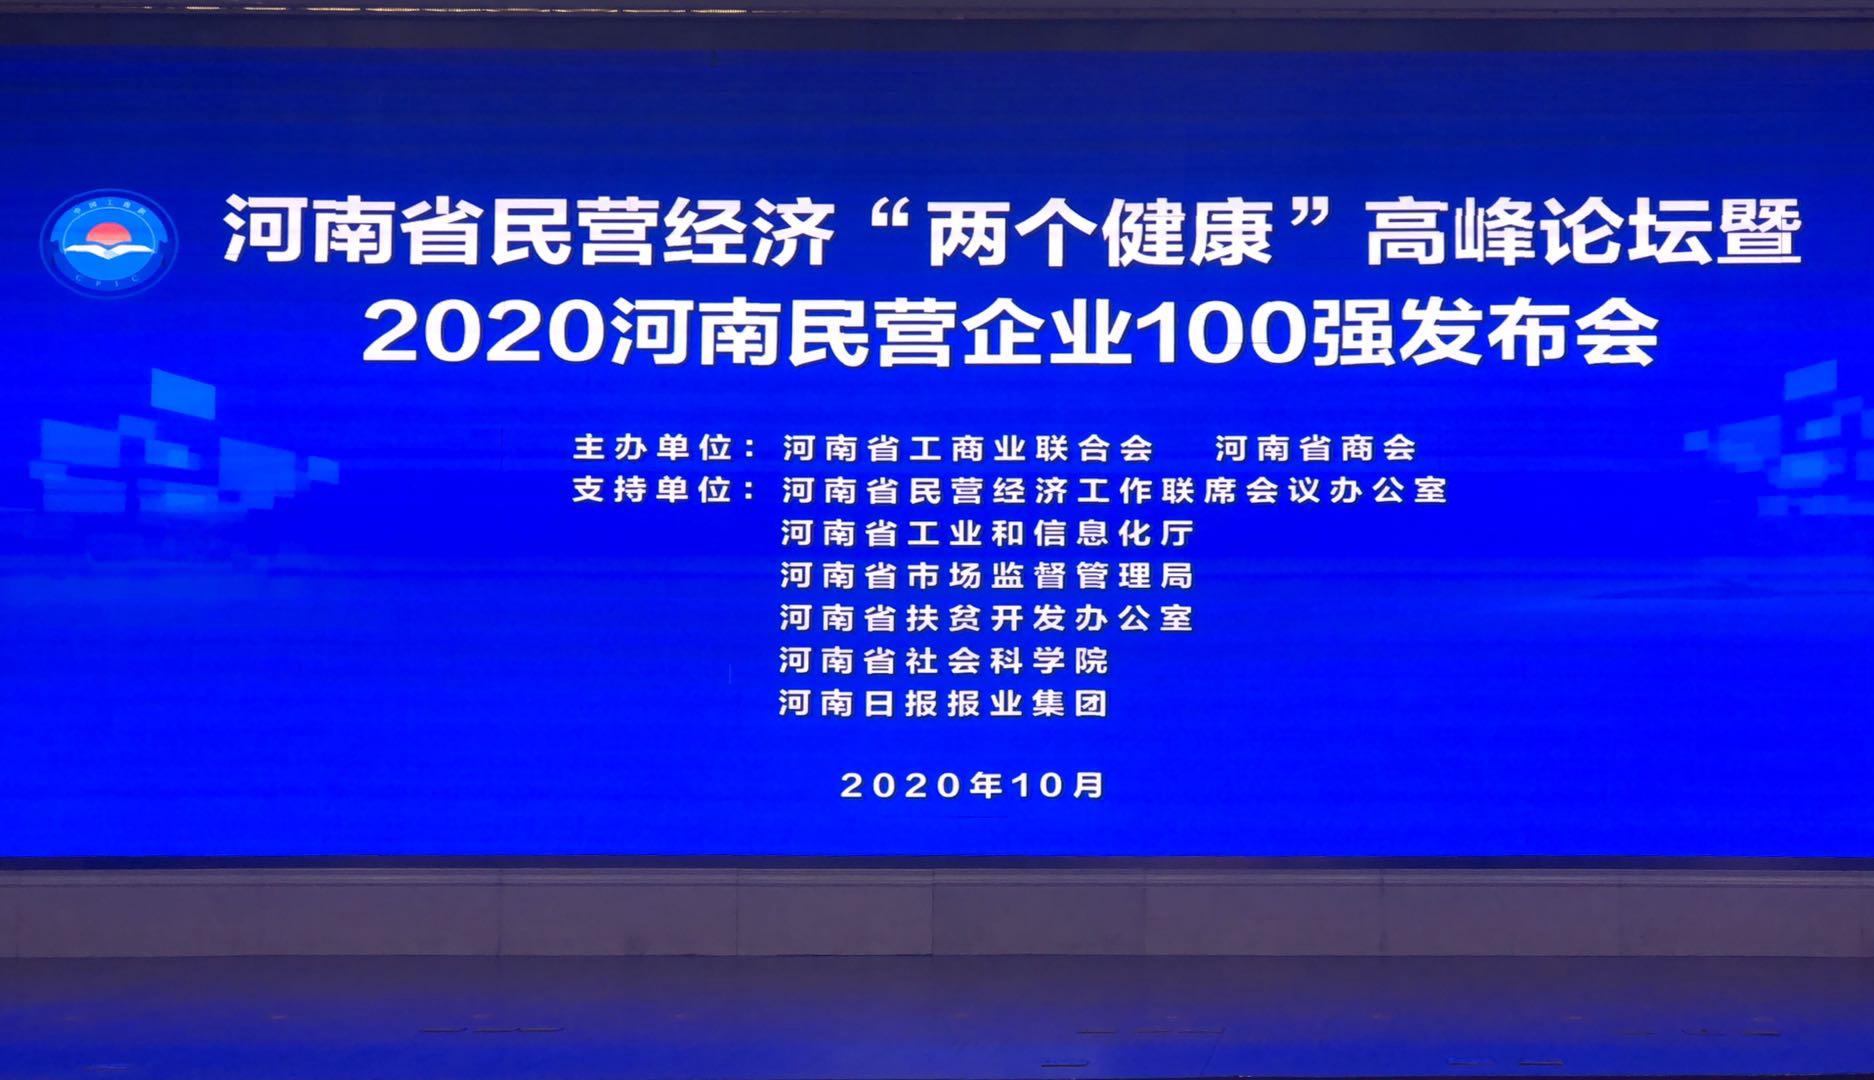 河南民营企业百强首次出现500亿级企业